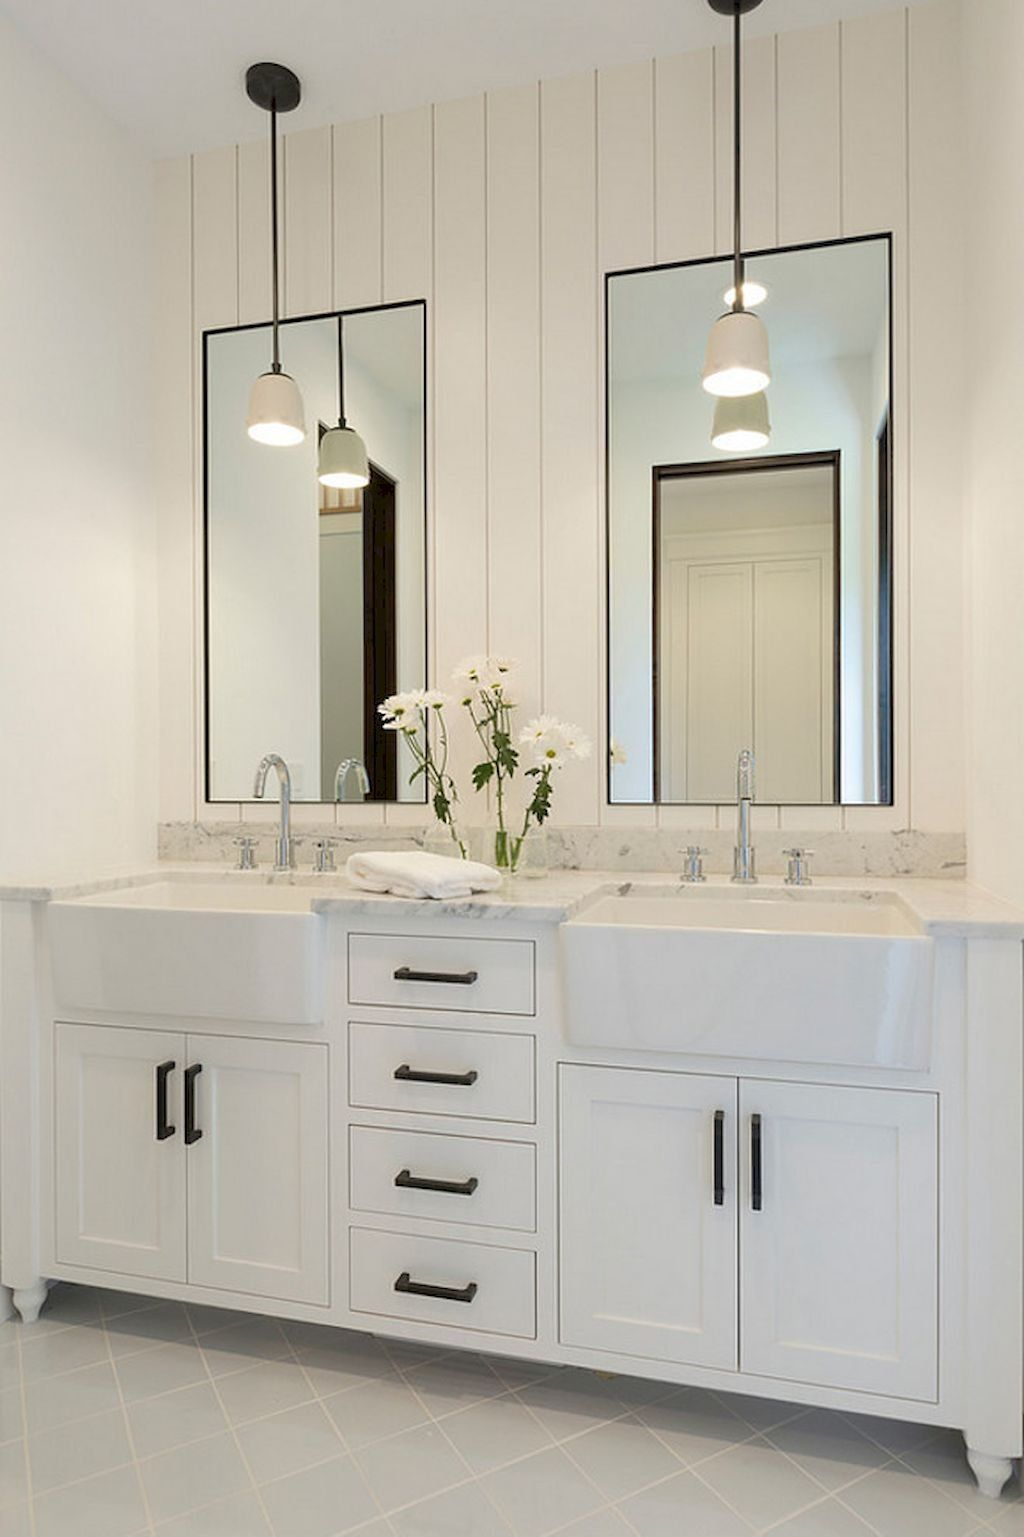 55 Bathroom Lighting Ideas For Every Design Style Bathroom Vanity Remodel Bathroom Remodel Master Modern Farmhouse Bathroom